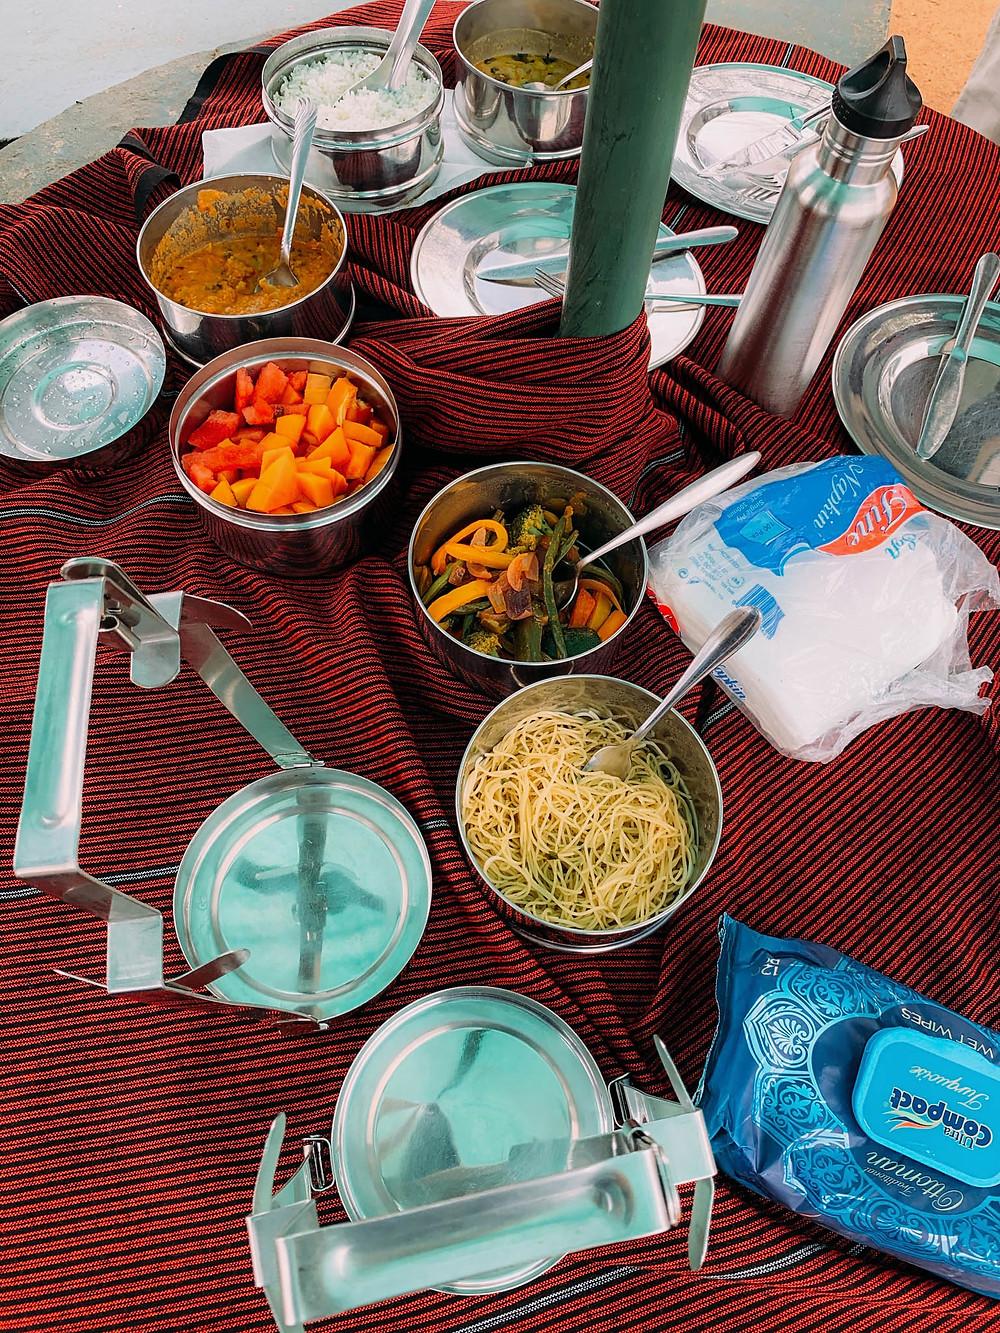 A safari picnic